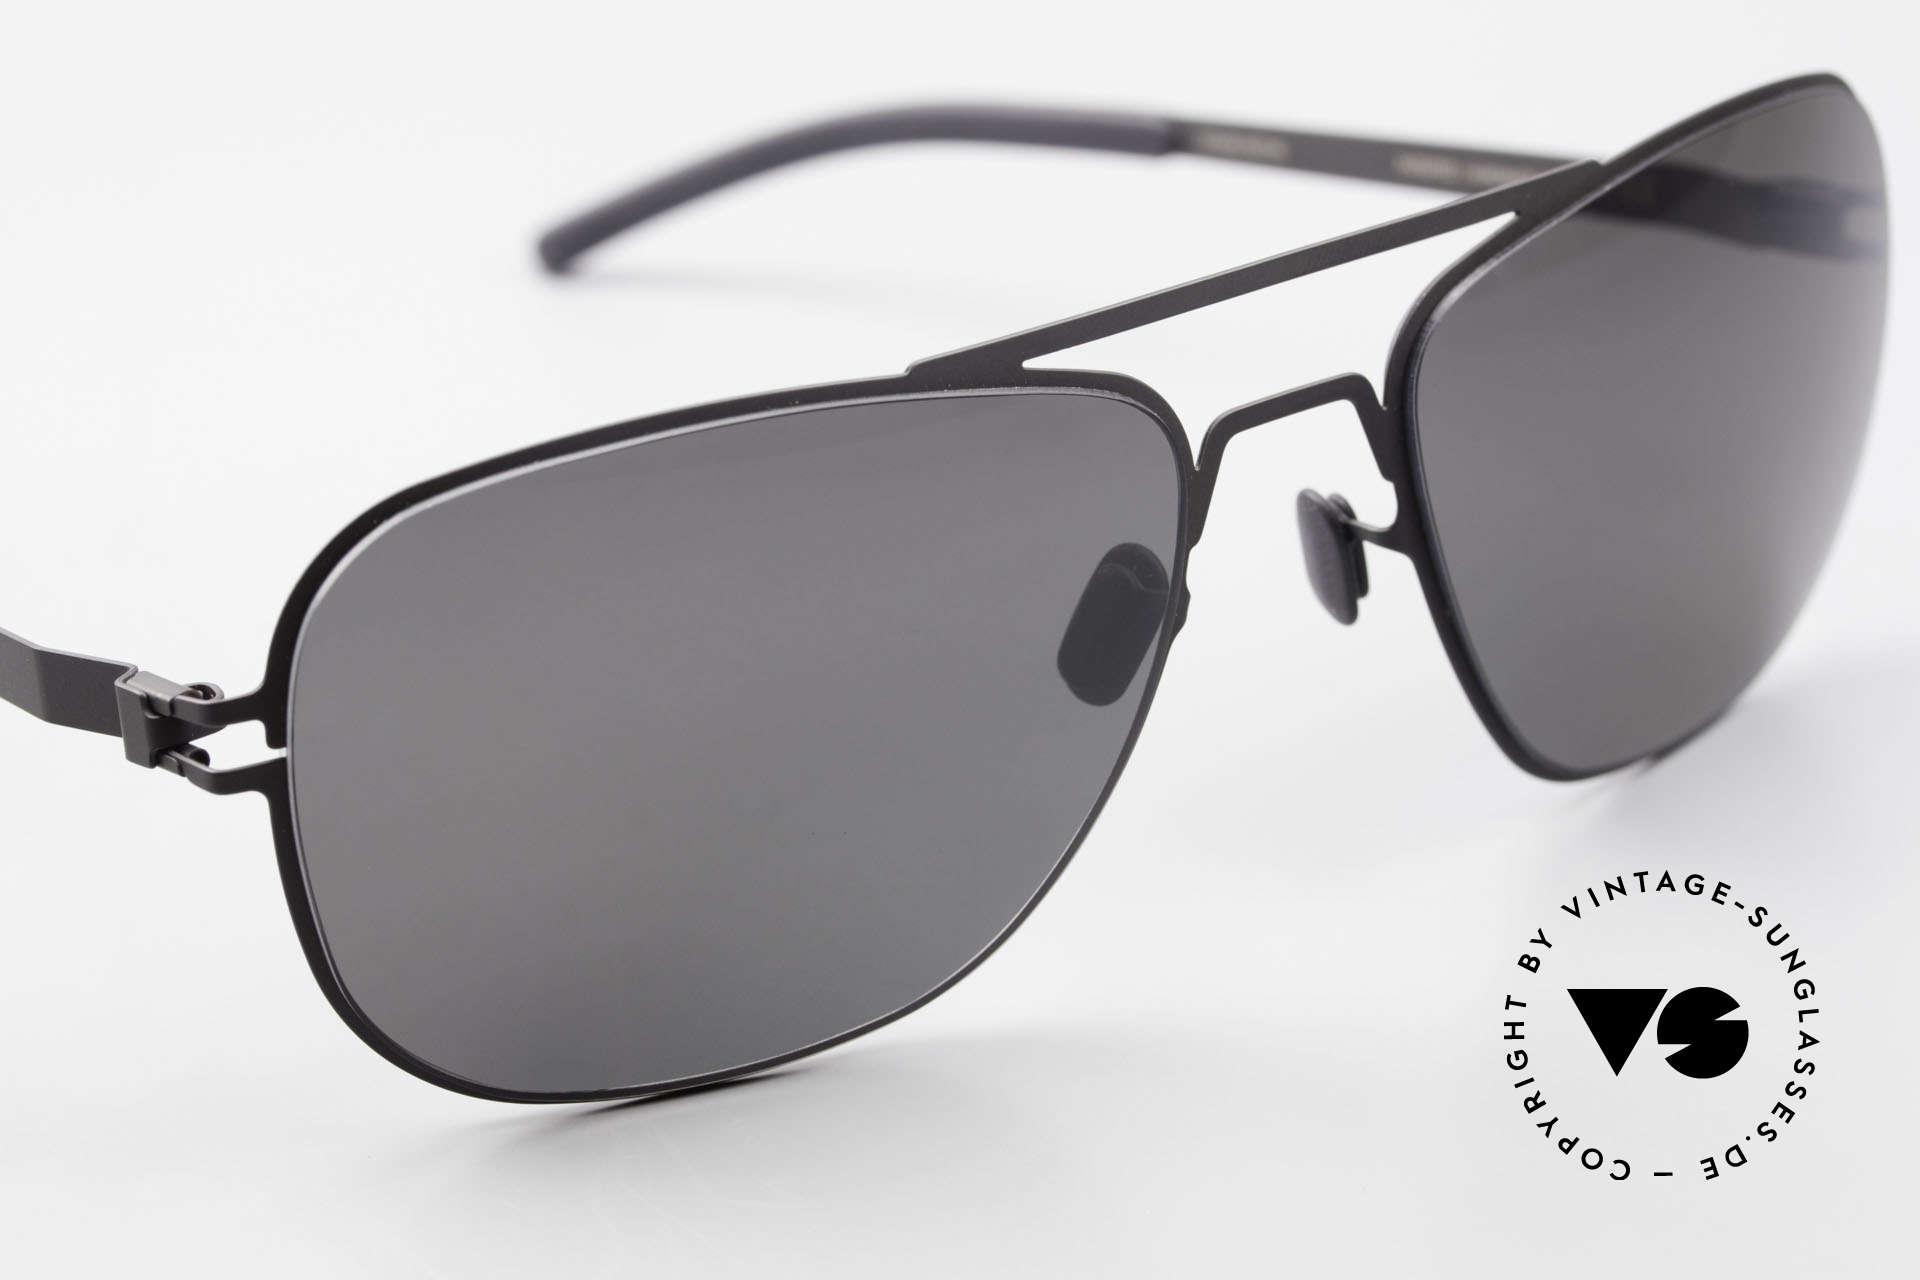 Mykita Howard Polarisierende Sonnenbrille, enorm hochwertig; made in Germany (Berlin-Kreuzberg), Passend für Herren und Damen